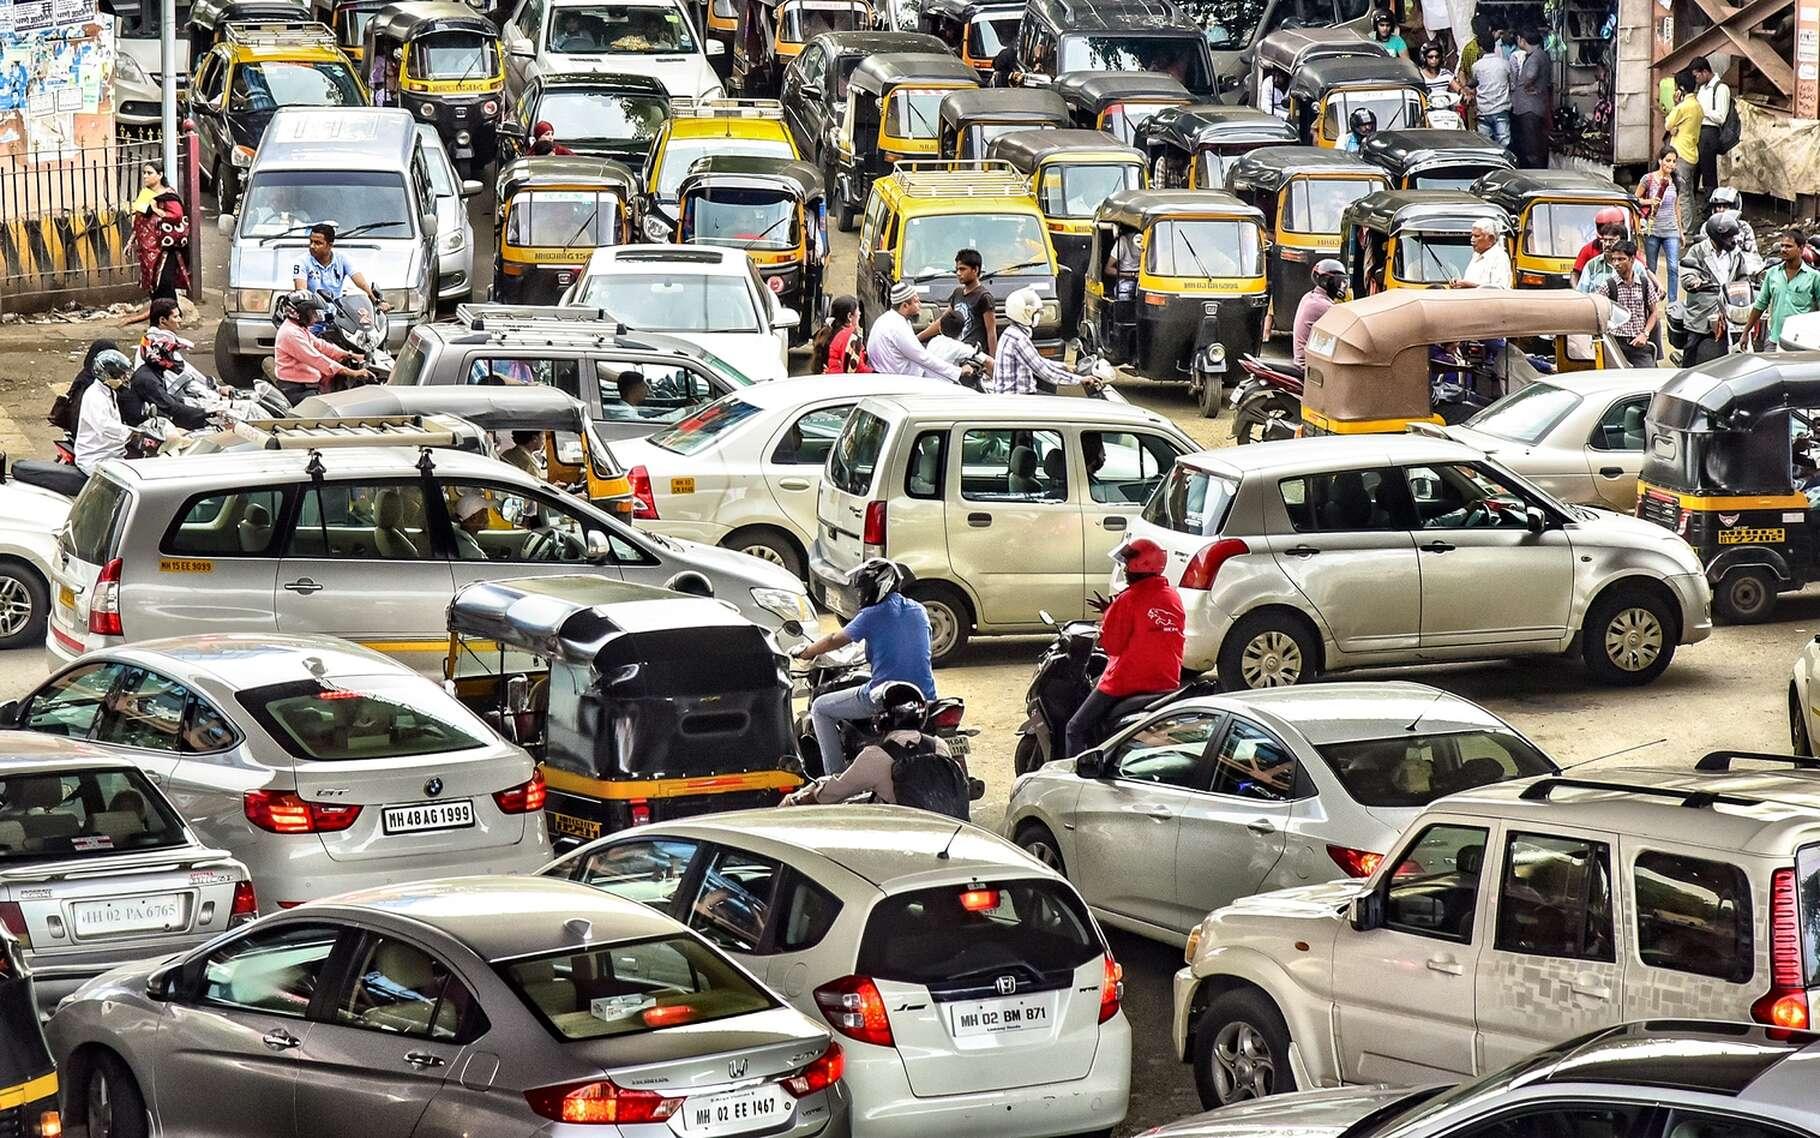 Les taux de motorisation continuent d'augmenter un peu partout dans le monde, et encore plus dans les pays en développement, comme ici en Inde, causant de plus en plus de problèmes d'embouteillage et de pollution de l'air. © Monotoomono, Shutterstock